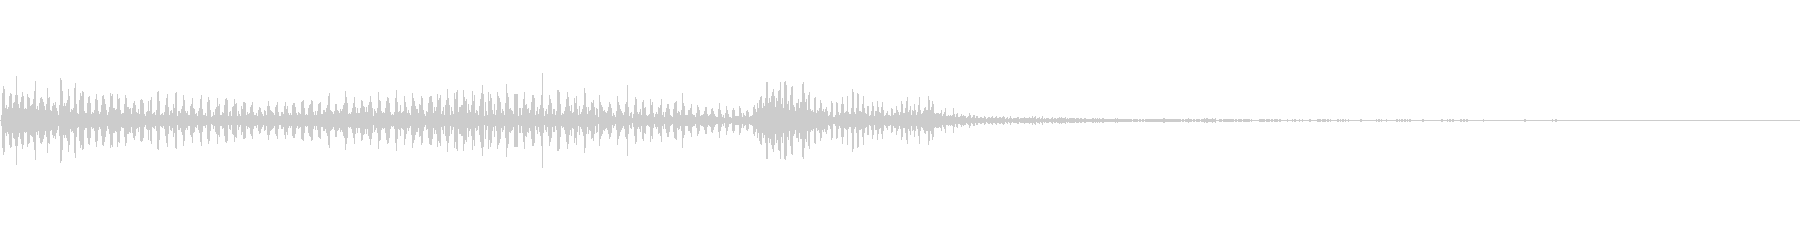 ステータス変更、メタルチョップイン...の未再生の波形